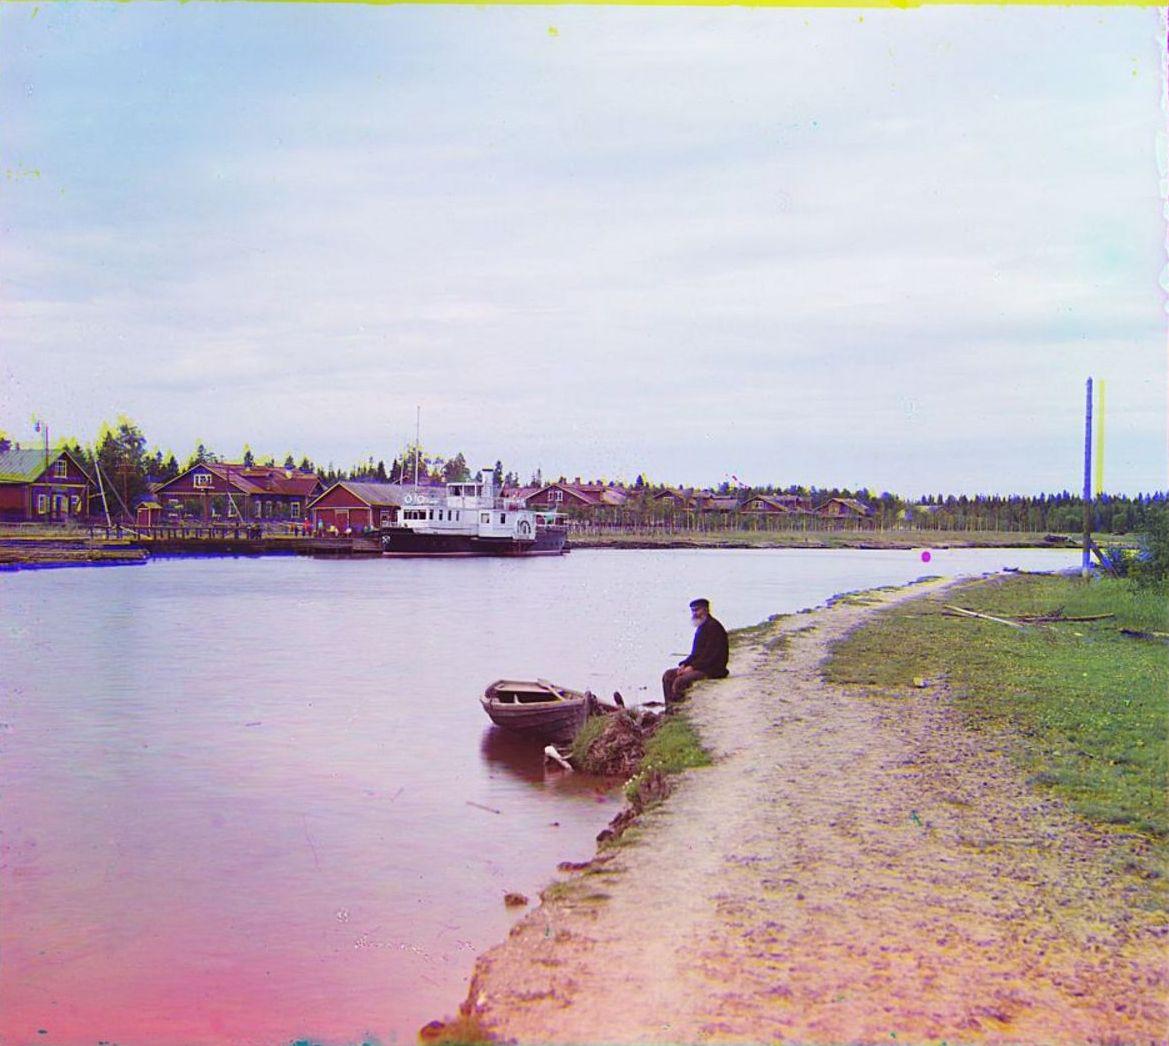 Ковжинский лесопильный завод. Общий вид завода и реки Ковжа